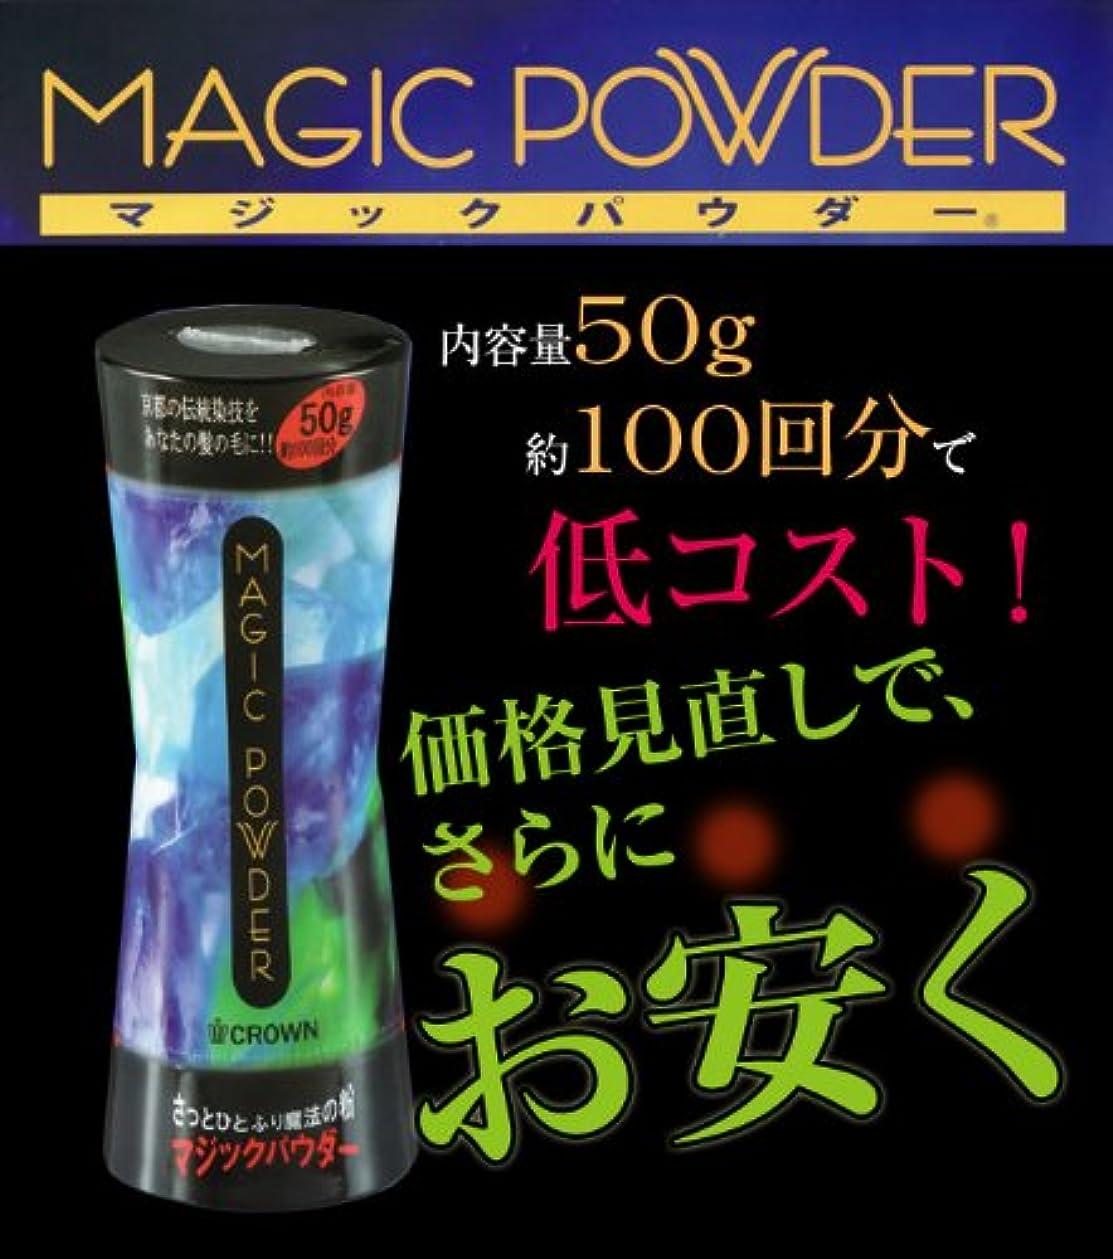 調整変なアカデミックマジックパウダー 50g 【ブラック】【約100回分】【男女兼用】【MAGIC POWDER】薄毛隠し